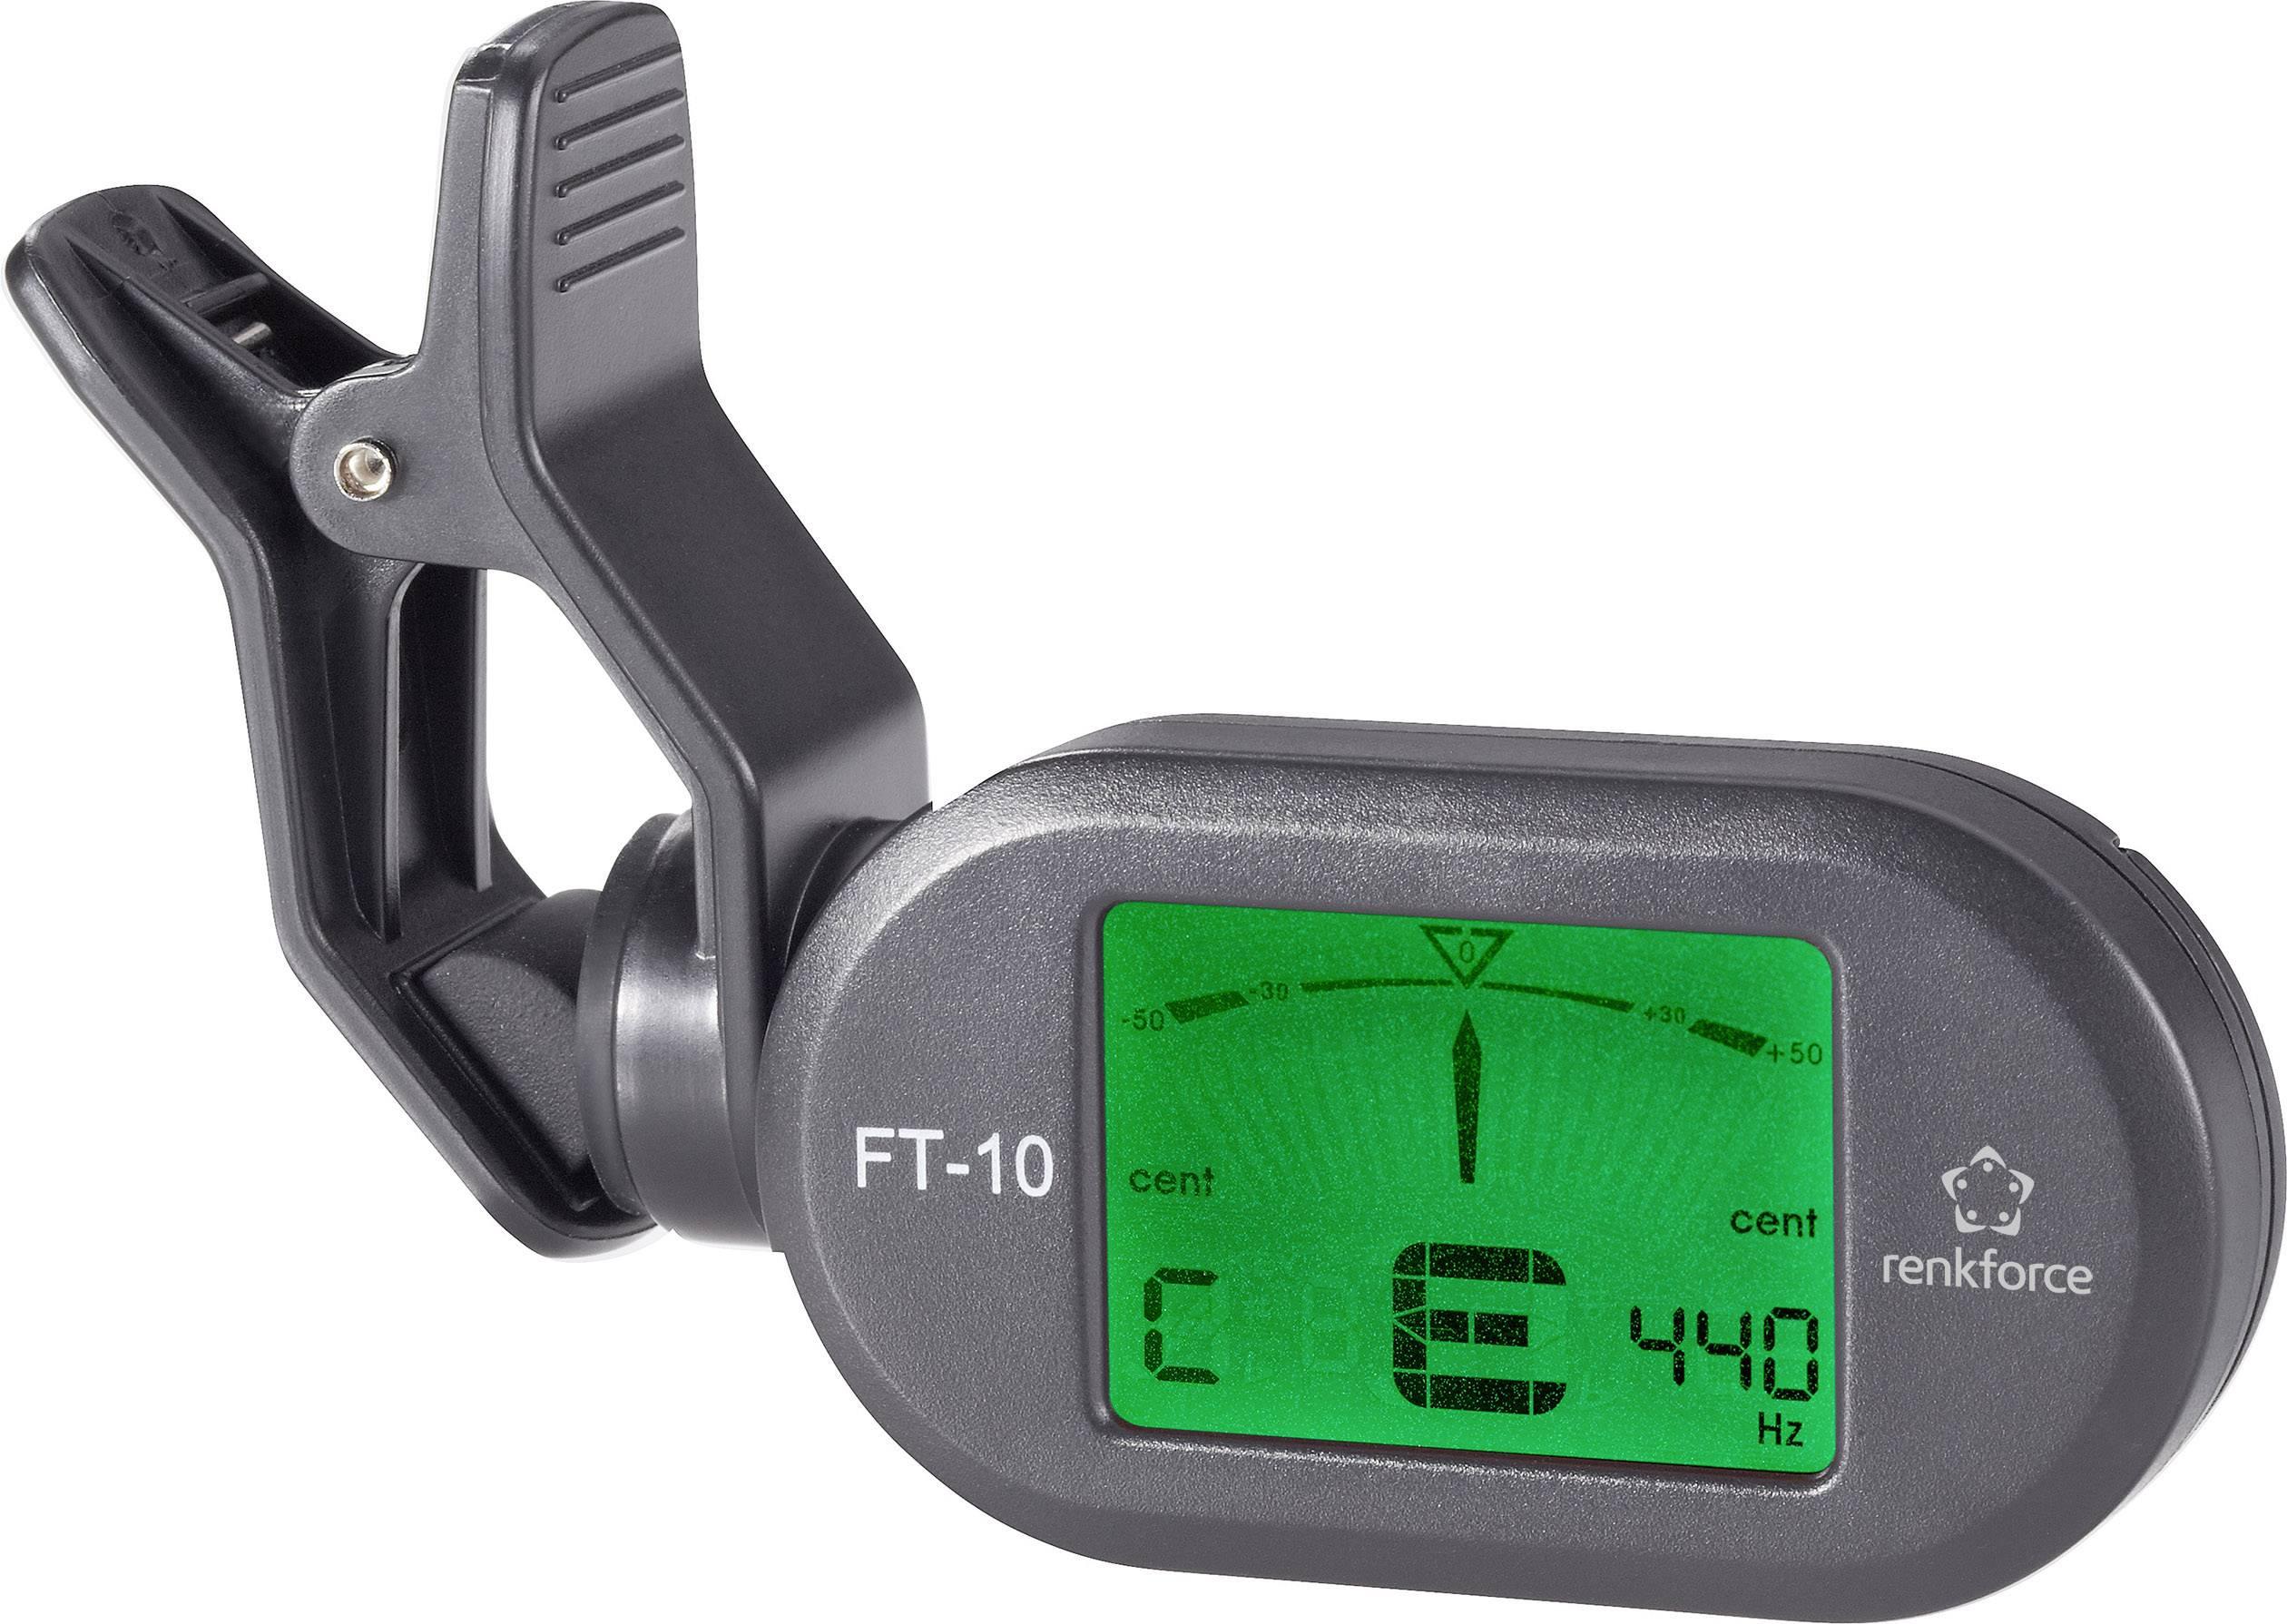 Kytarová ladička Renkforce FT-10, černá